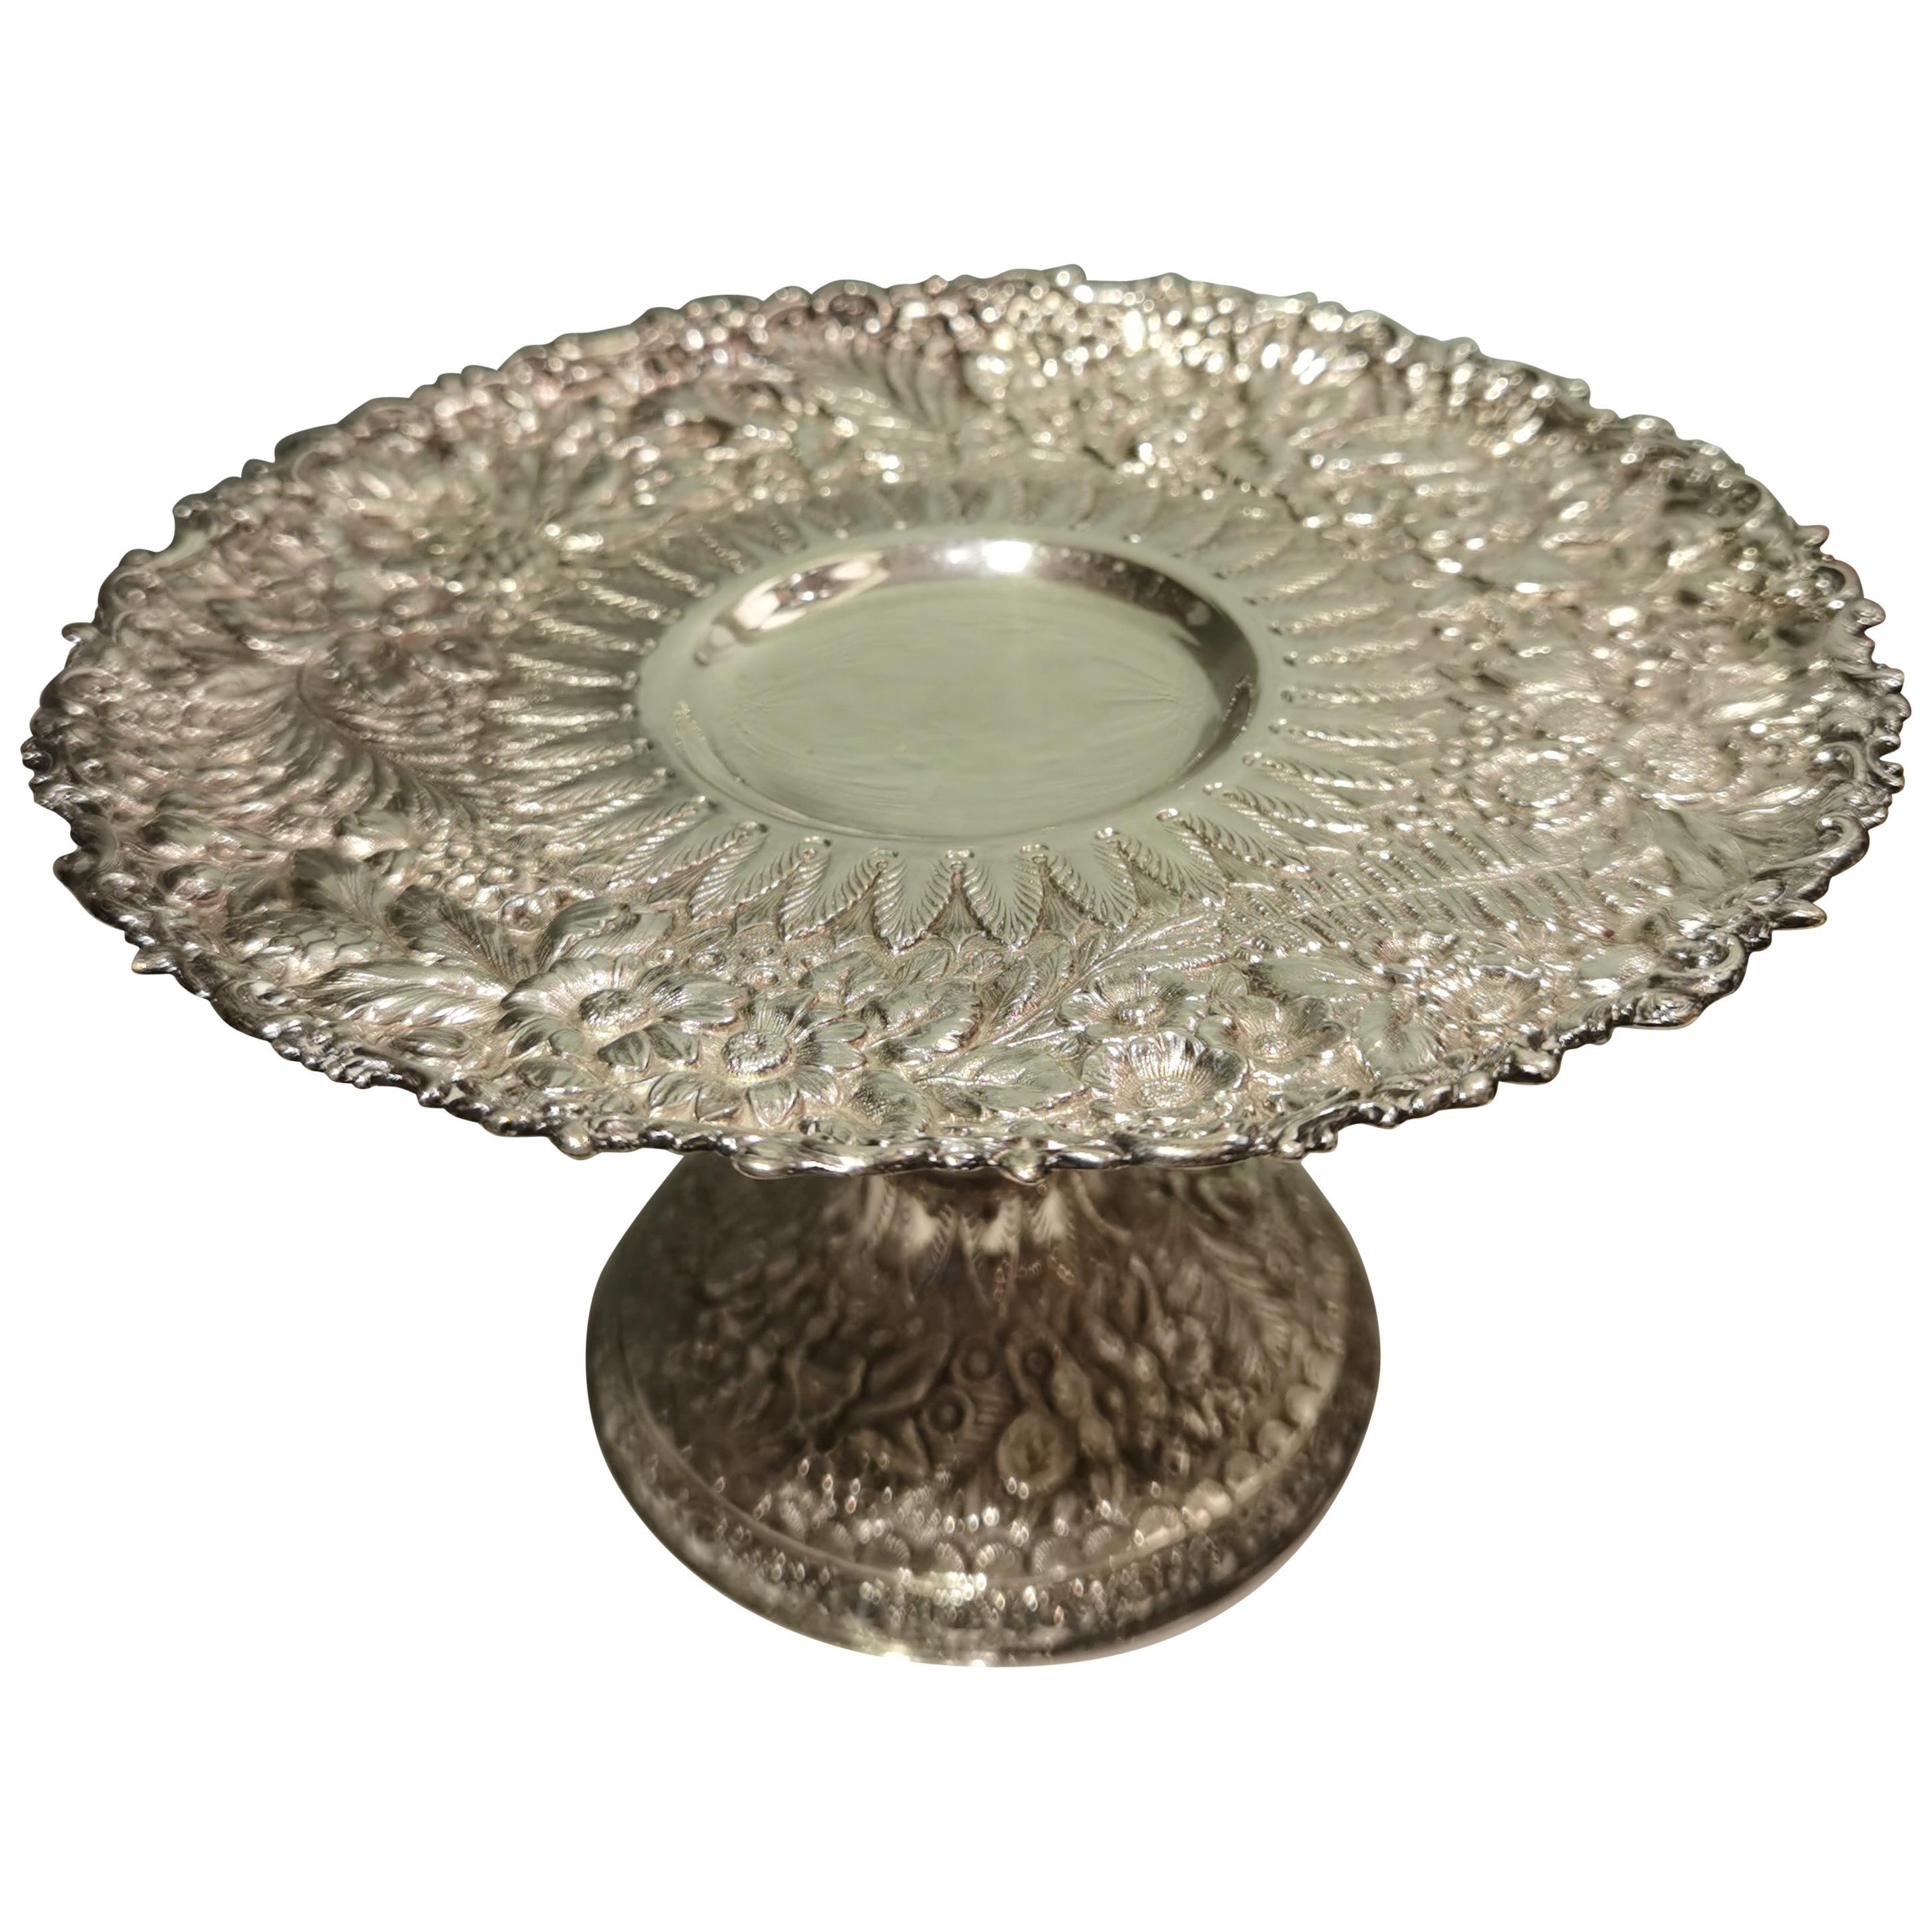 Tiffany Art Nouveau Silver Centerpiece Bowl